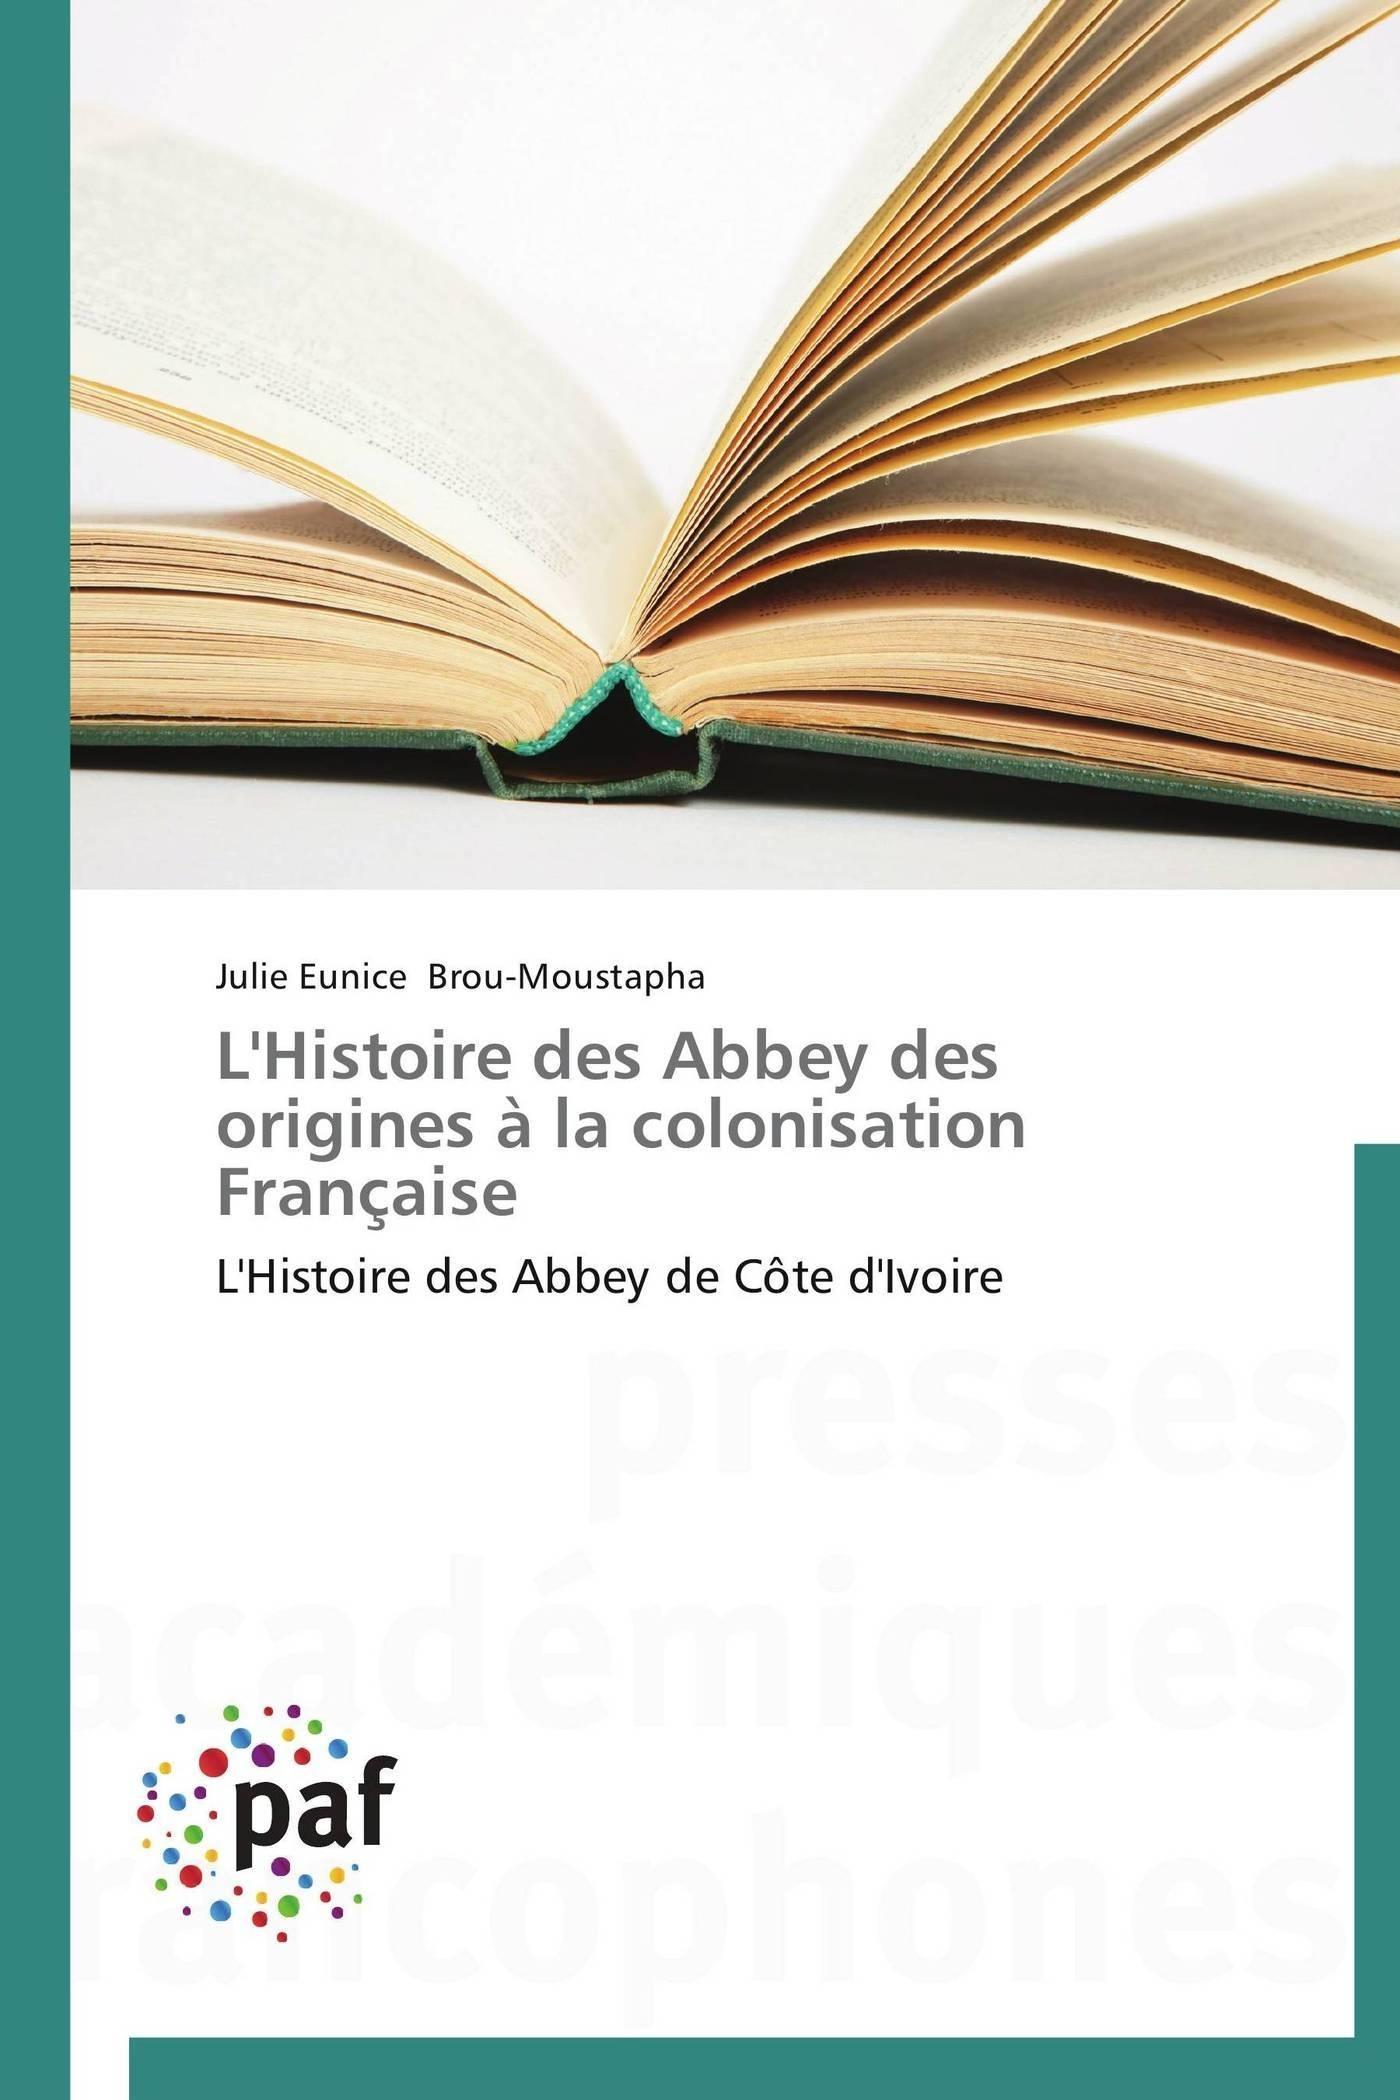 L'HISTOIRE DES ABBEY DES ORIGINES A LA COLONISATION FRANCAISE